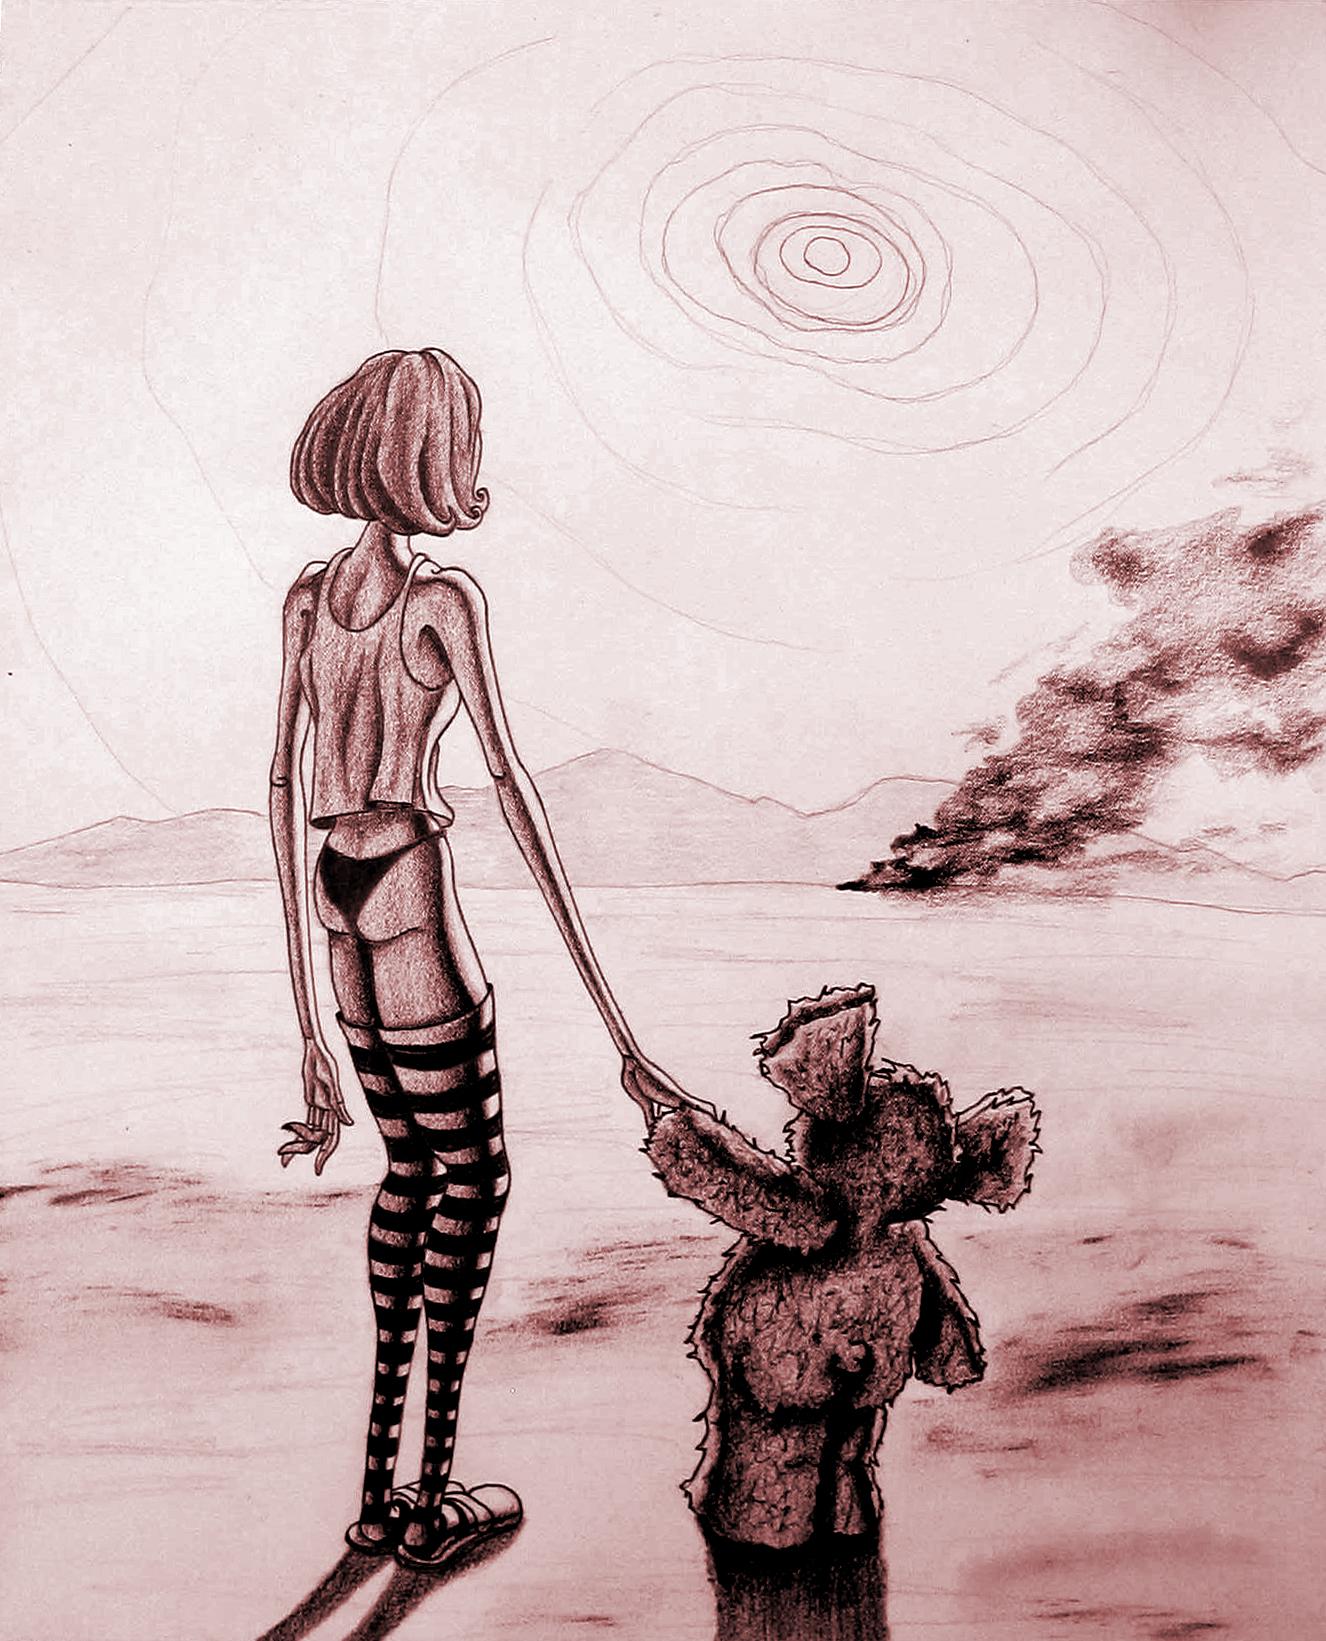 Hiedi and her broken heart